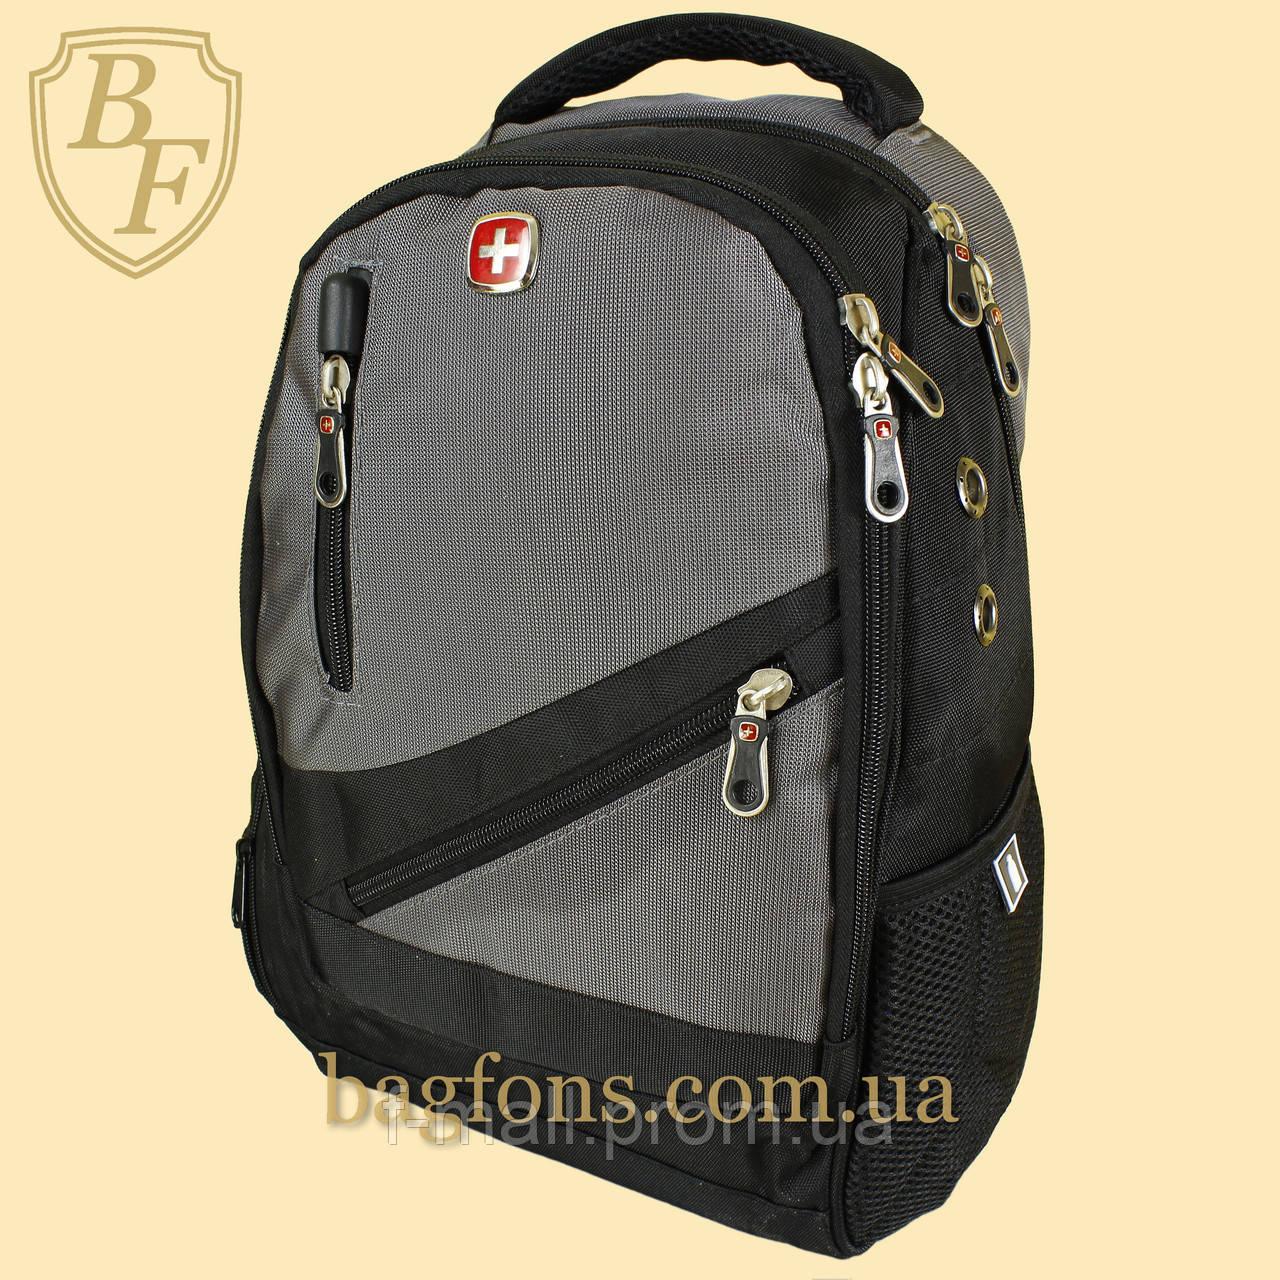 Рюкзак городской школьный SwissGear 17л Серый (8815-1)